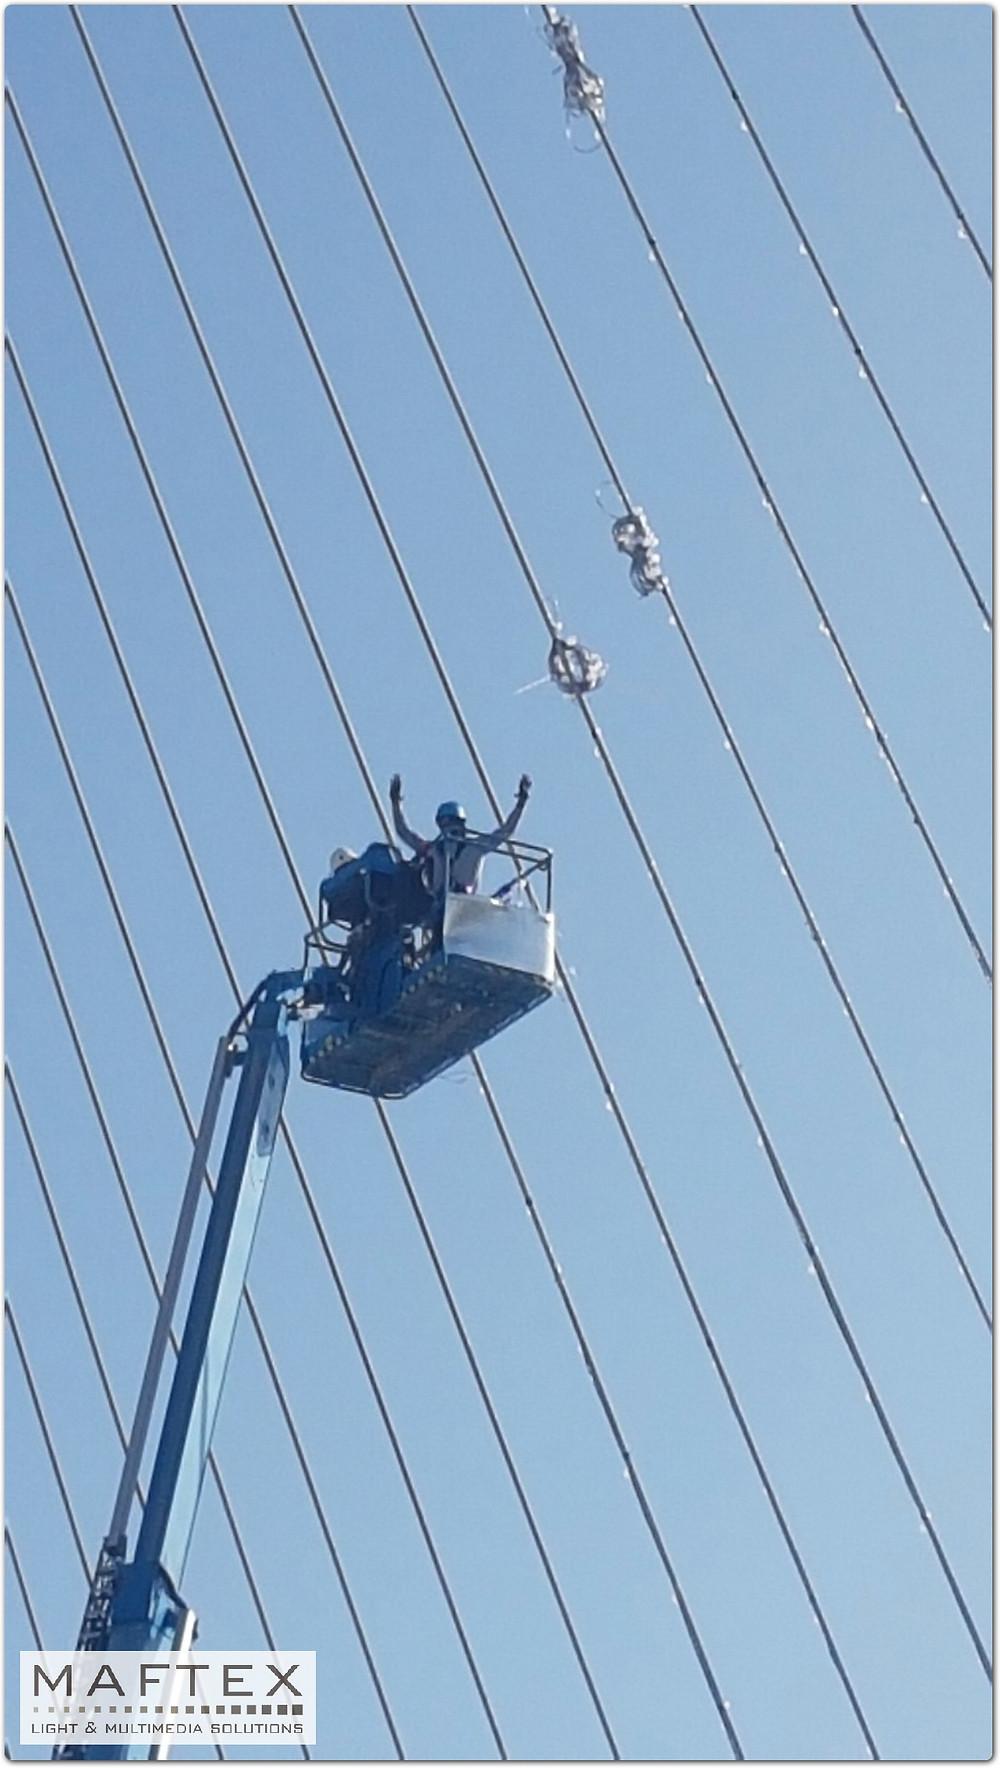 ביצוע הפרוייקט של תאורה לגשר בירושלים